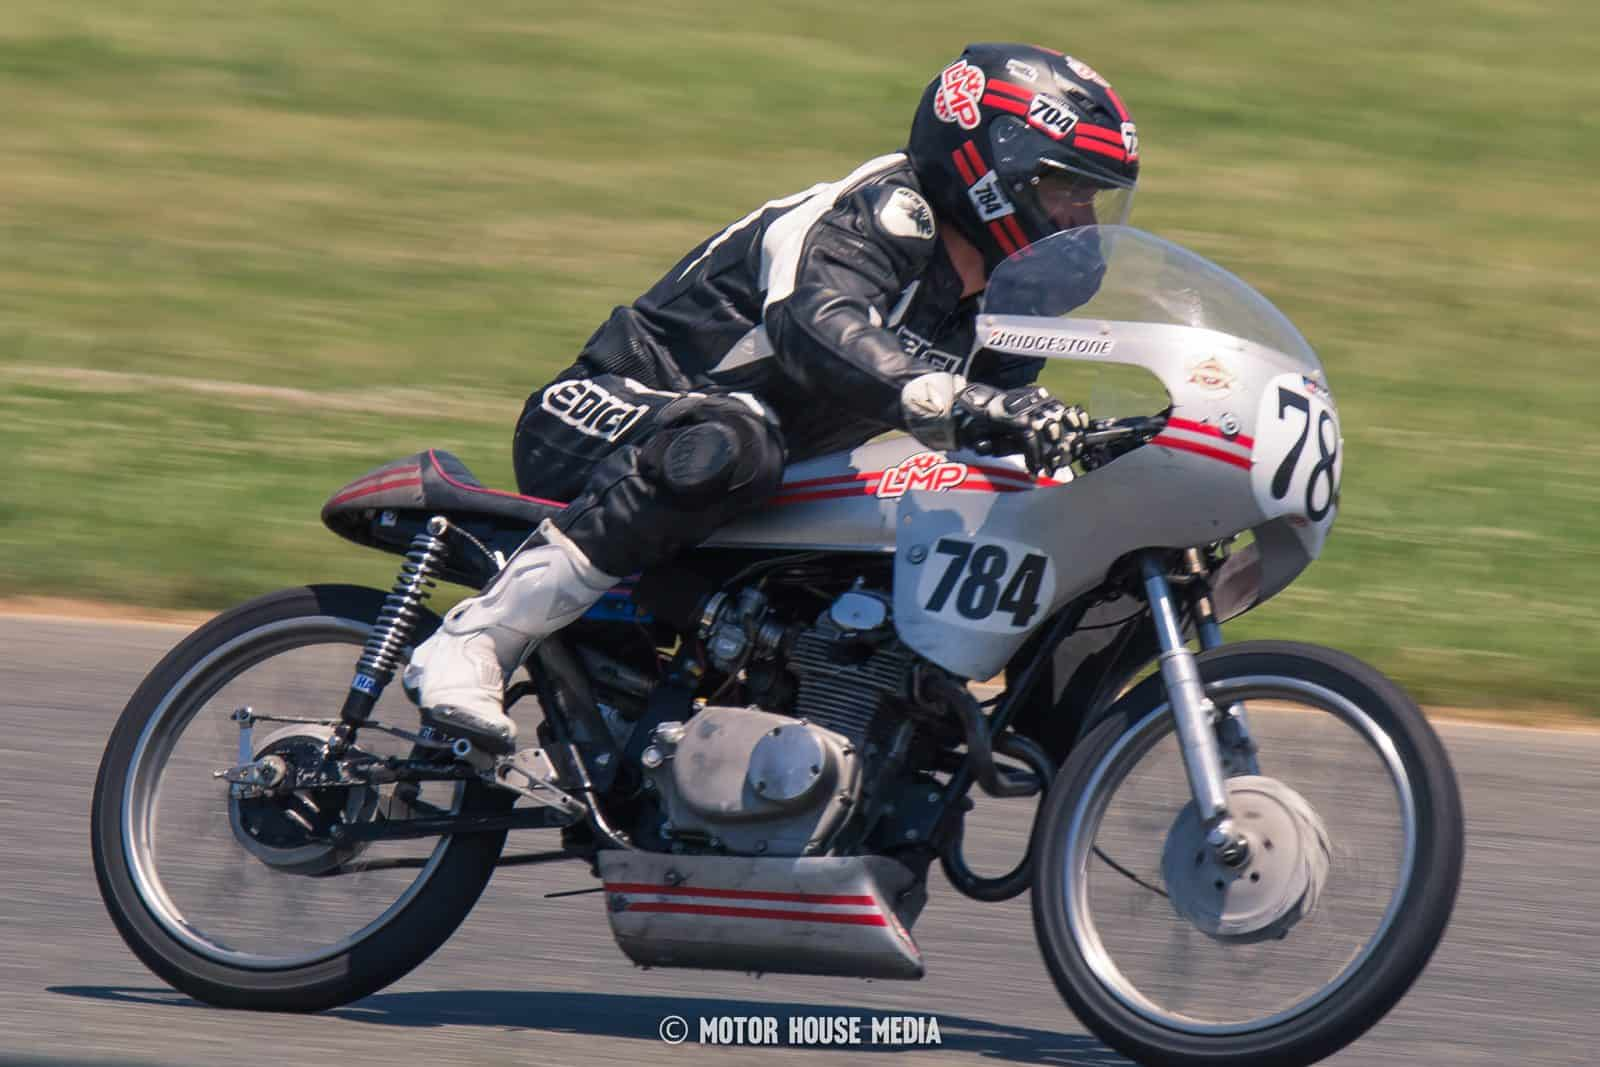 AHMRA vintage bikes racing